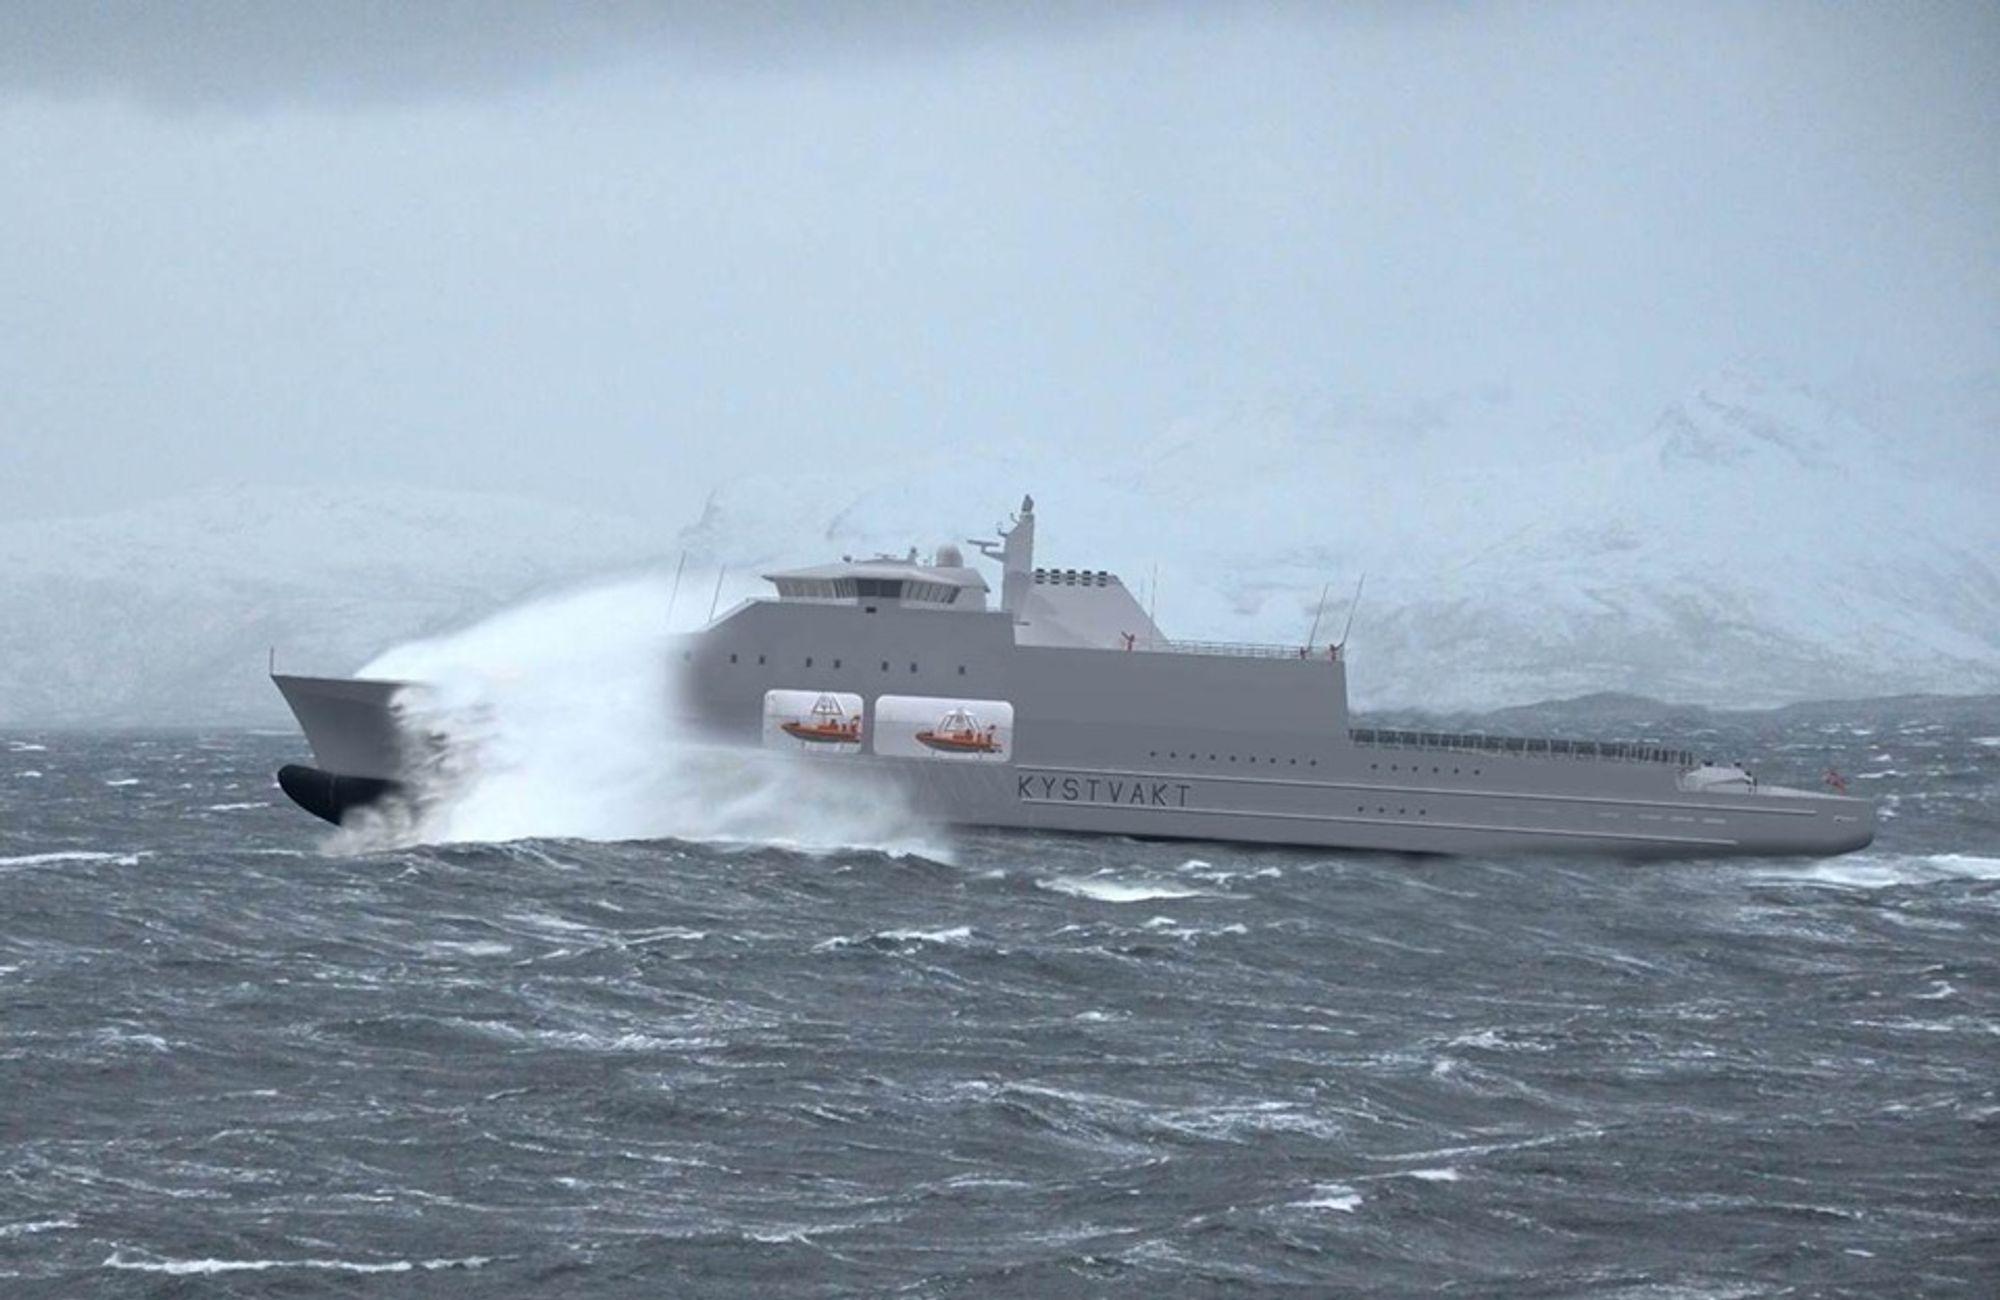 Klima- og miljøminister Vidar Helgesen reagerer på at de nye kystvaktskipene skal gå på diesel. Han vil ta saken opp med forsvarsministeren.